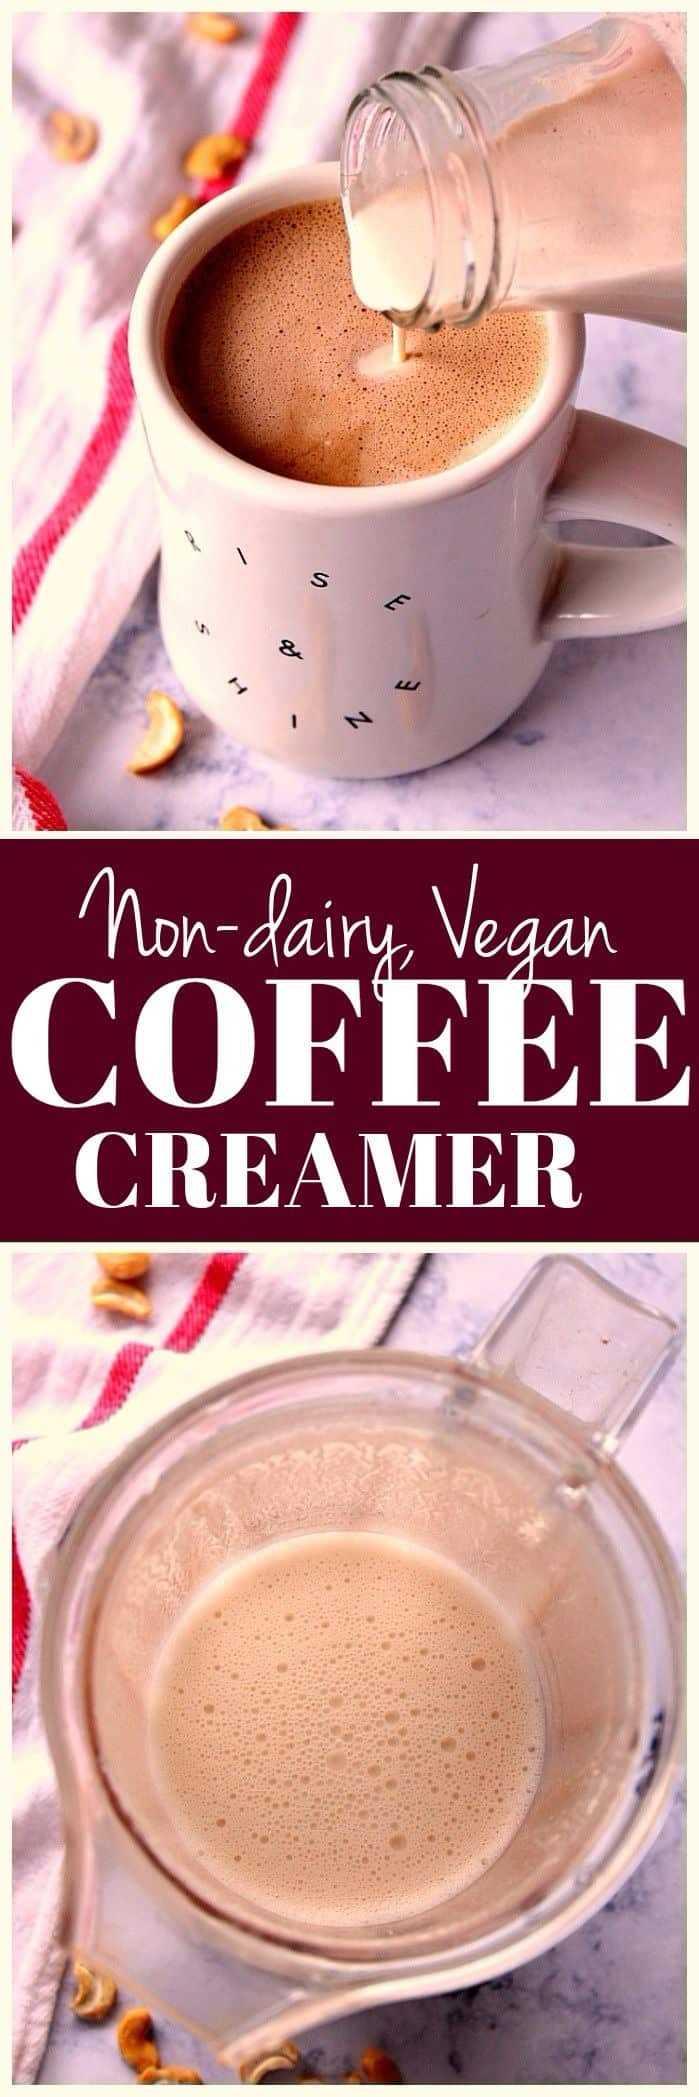 Creme de café com castanha de caju e receita vegana longa de laticínios1 Creme de café com receita de castanha de caju (vegana)